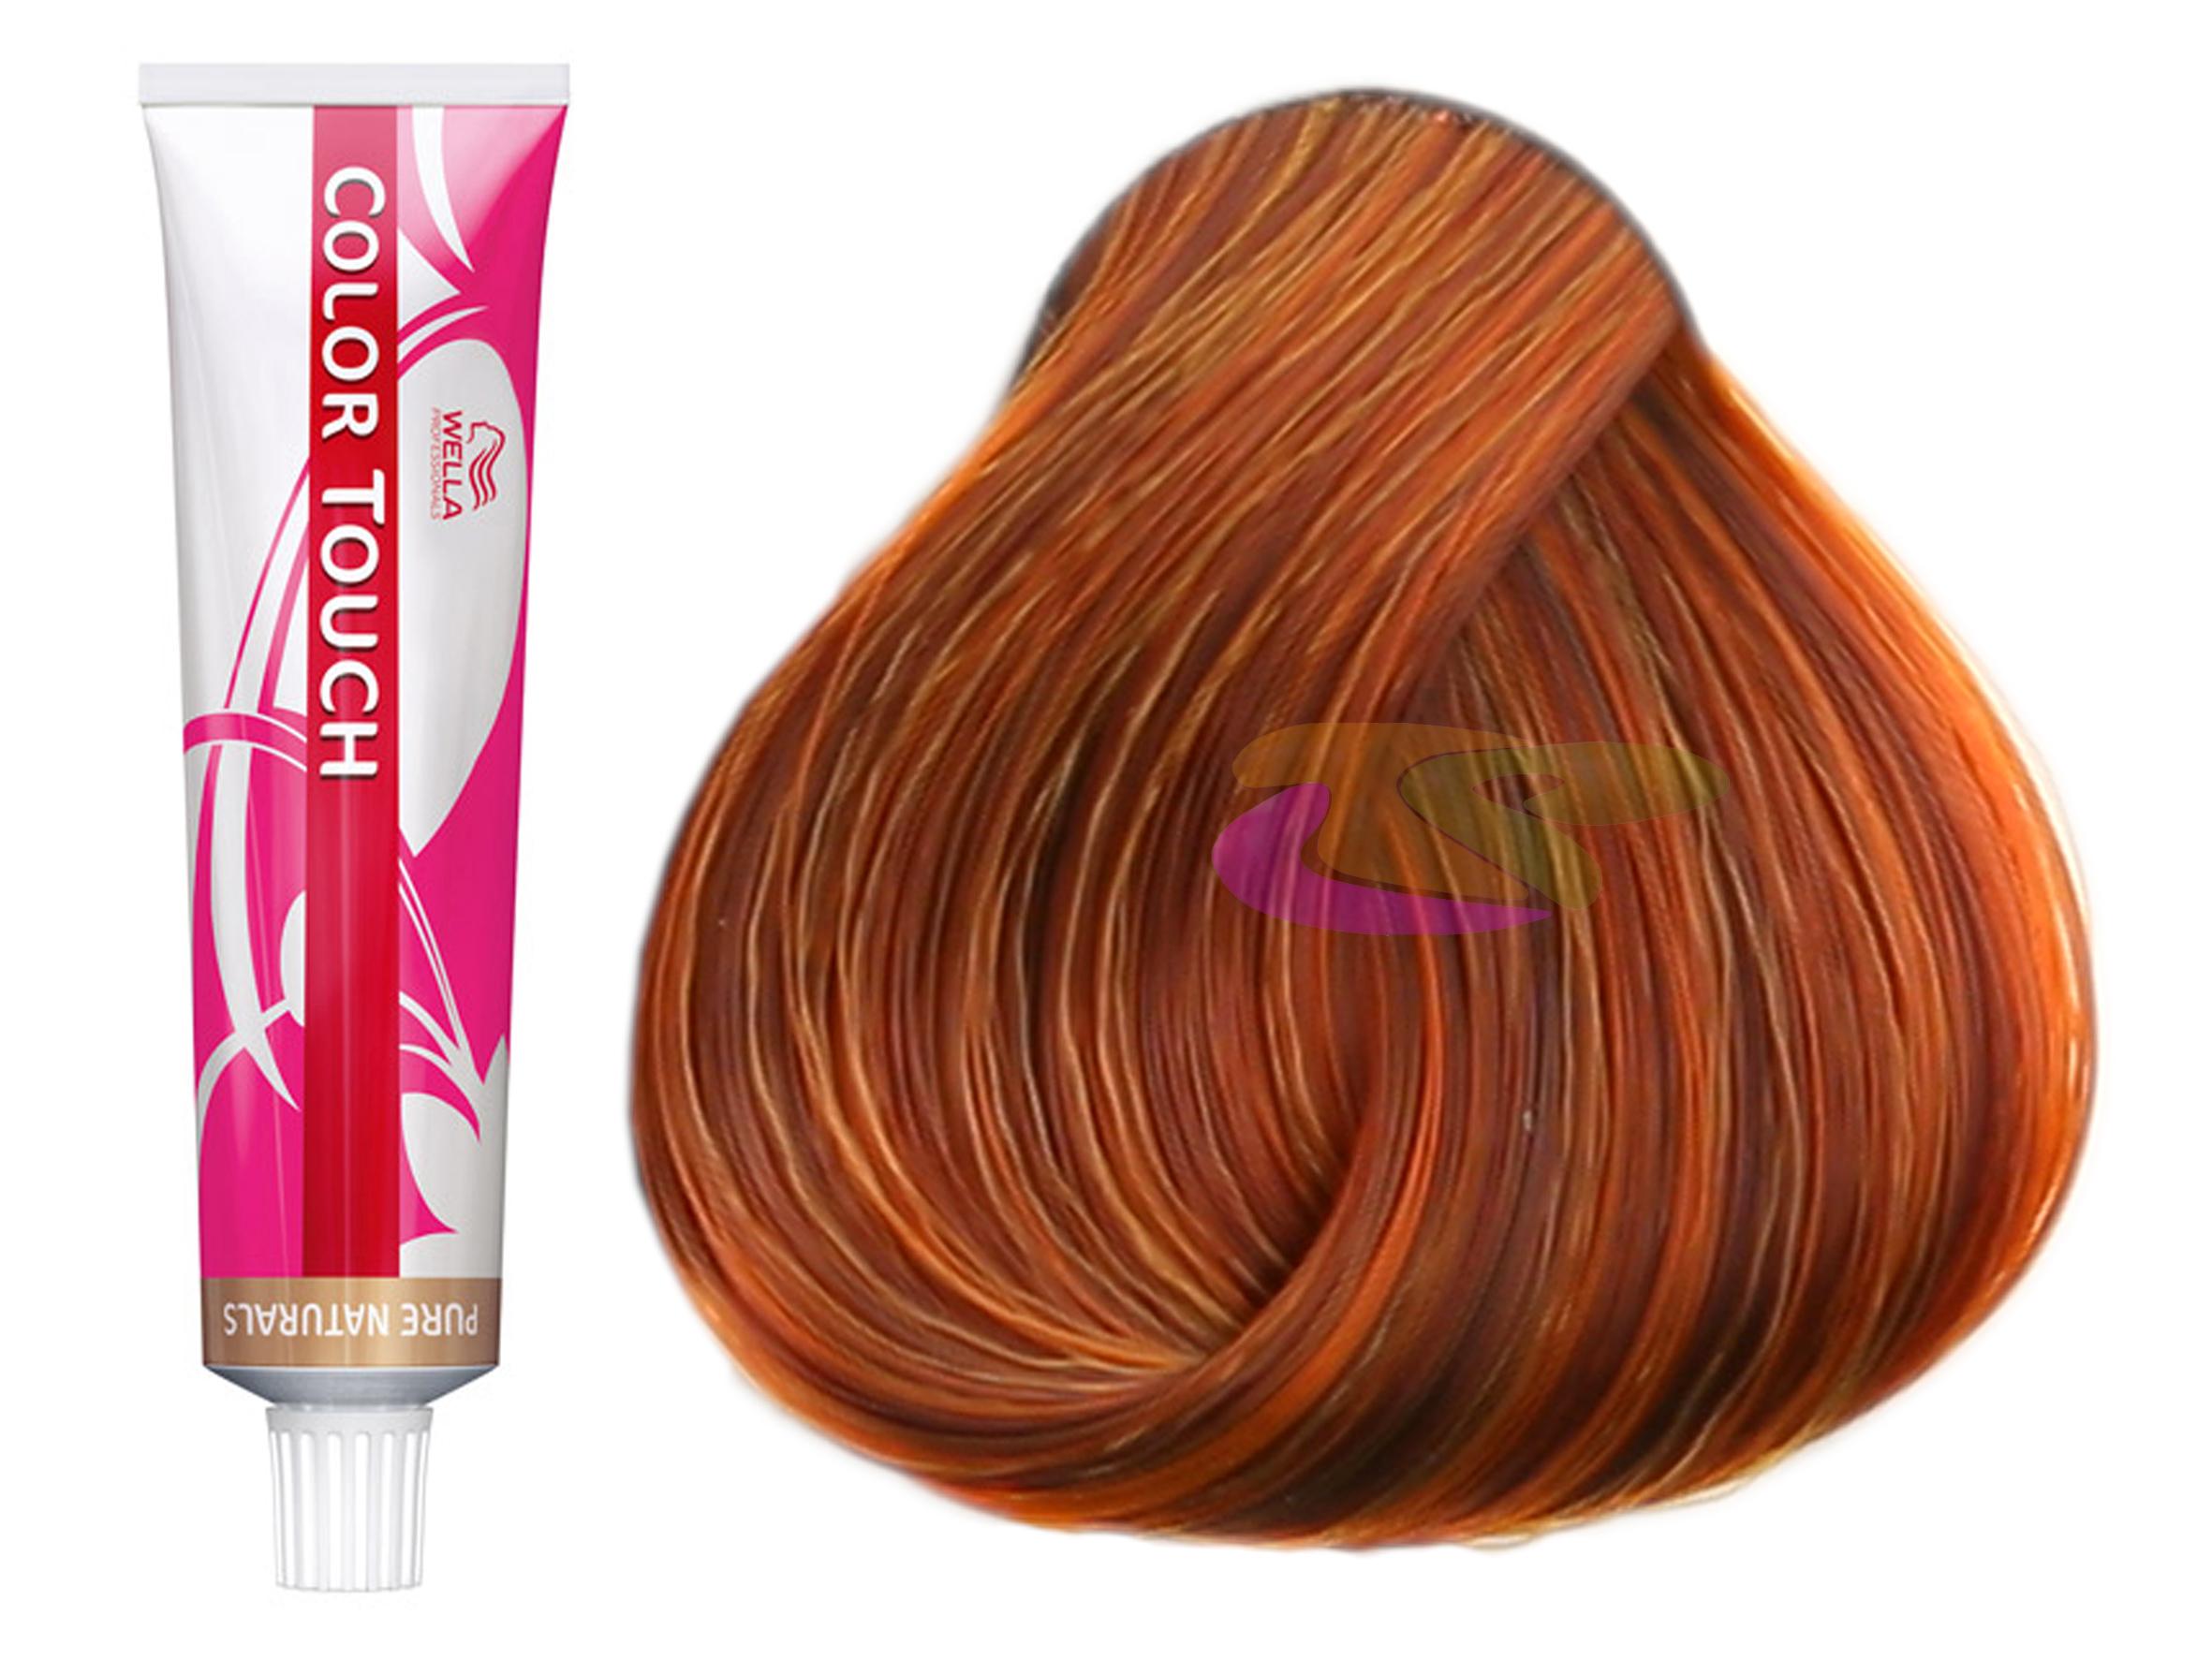 wella bain de couleur semi permanente color touch vibrant reds 743 de 60 - Color Touch Wella Mode D Emploi